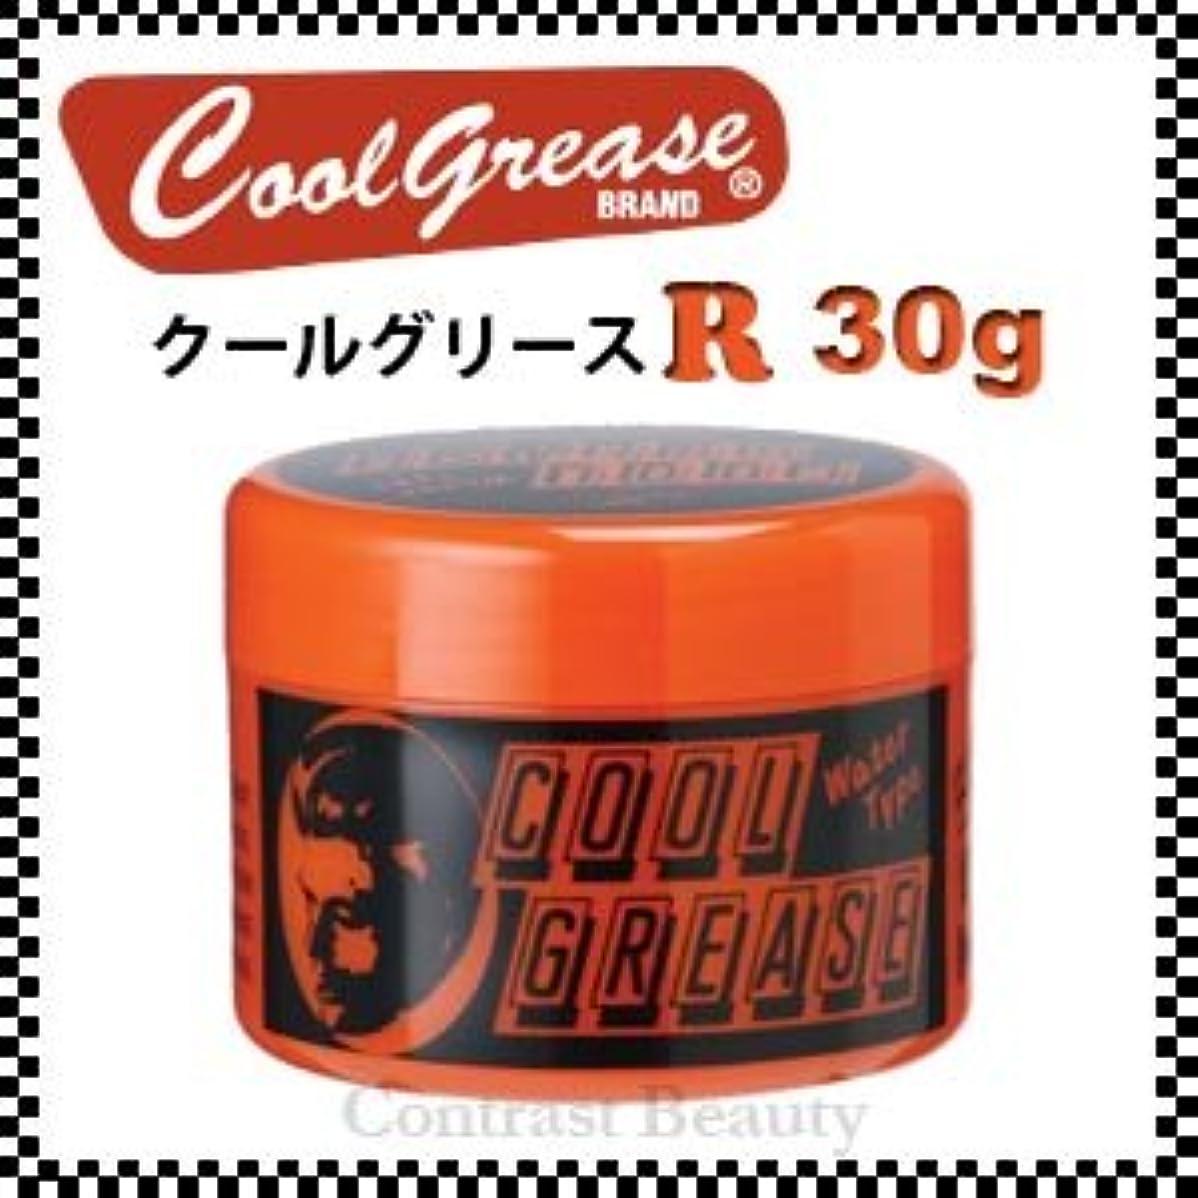 地域またはどちらか建物阪本高生堂 クールグリース R 30g